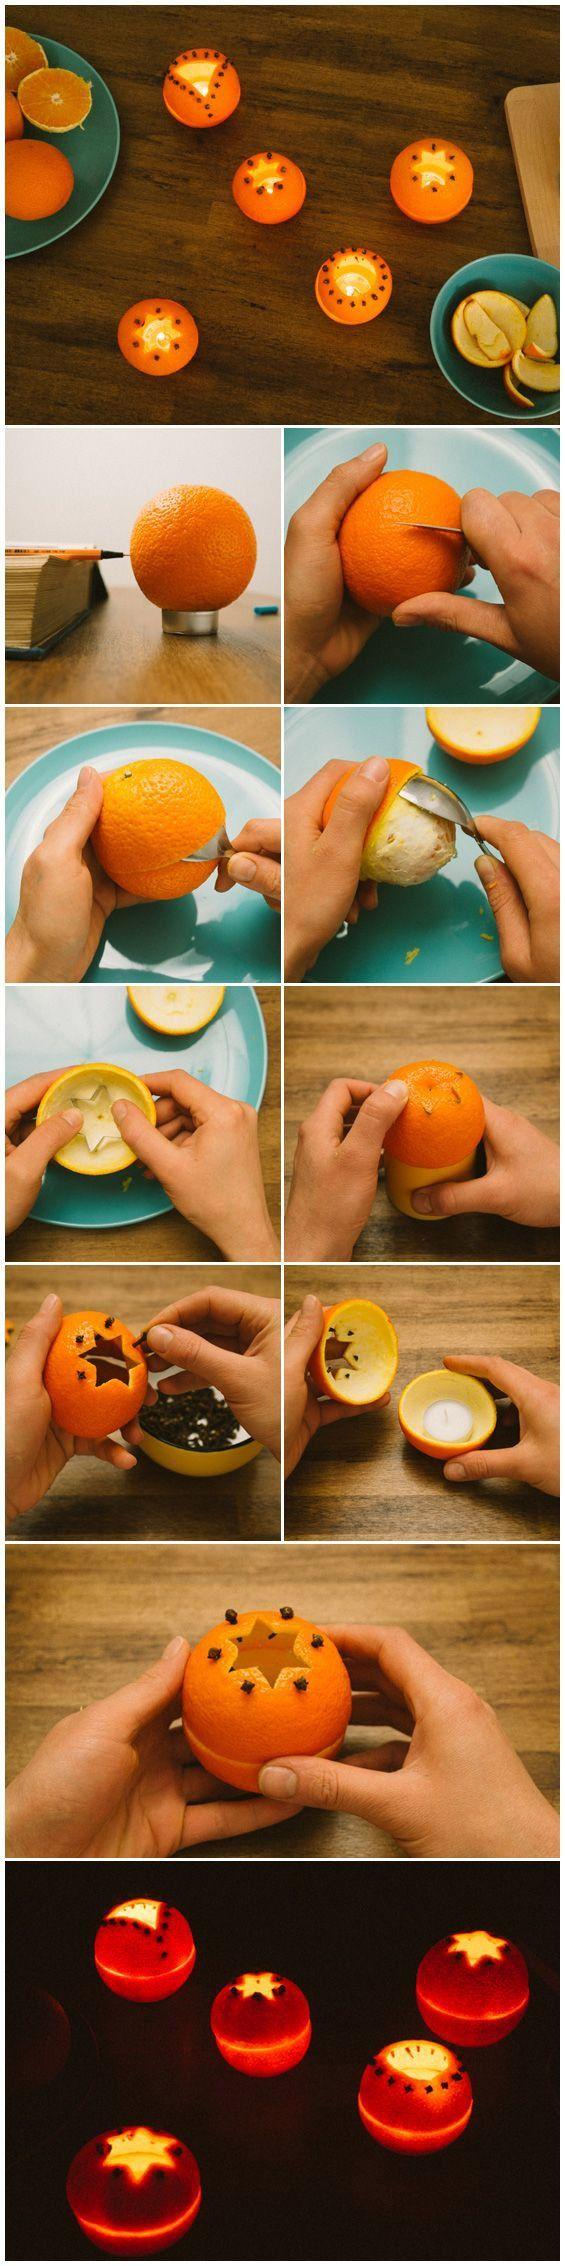 Fun Xmas Lamps - DIY with oranges